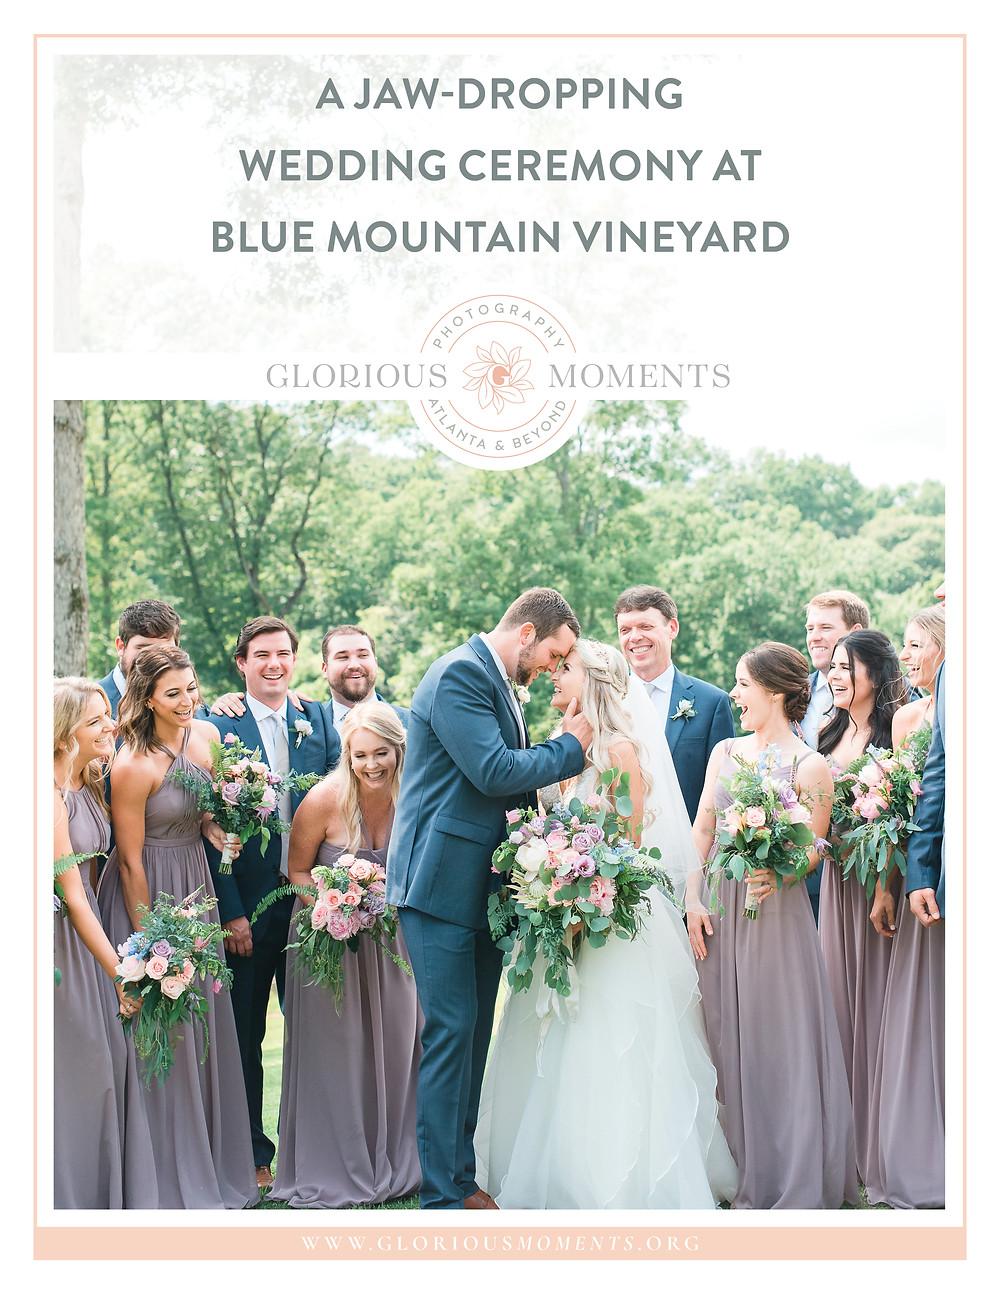 blue-mountain-vineyard-dahlonega-wedding-venue-outdoor-wedding-ceremony